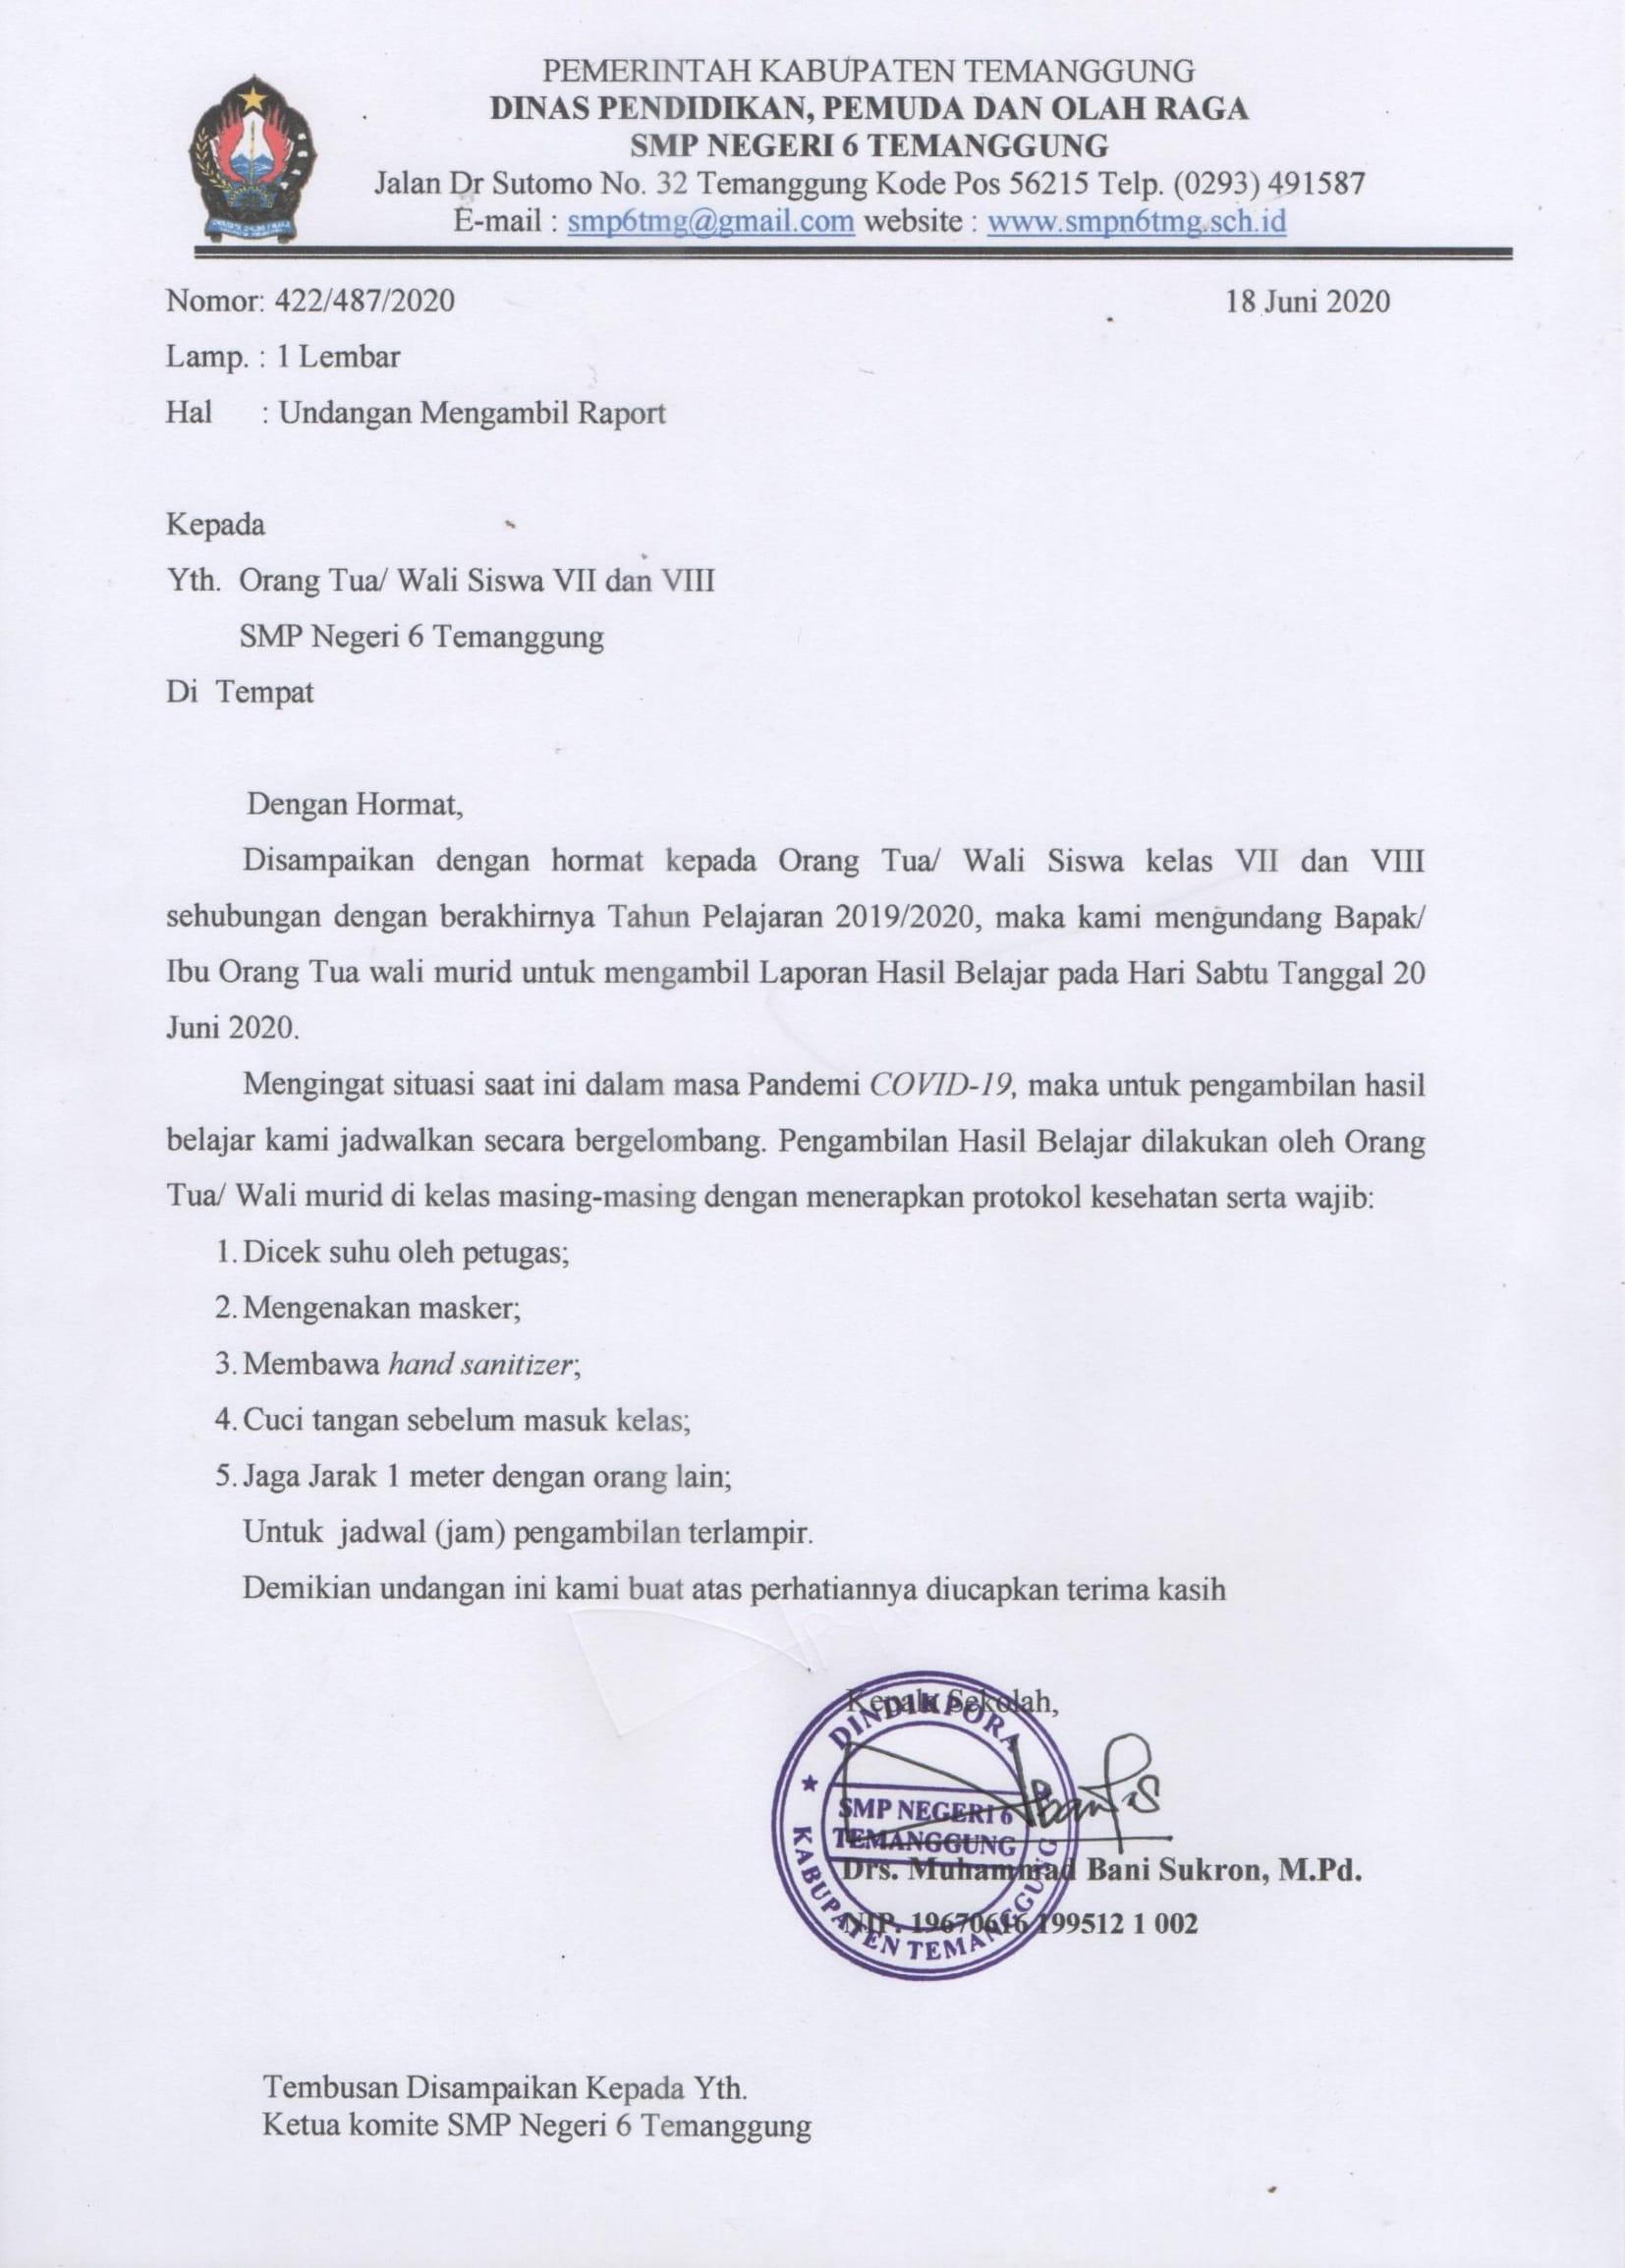 undangan-pengambilan-raport-1